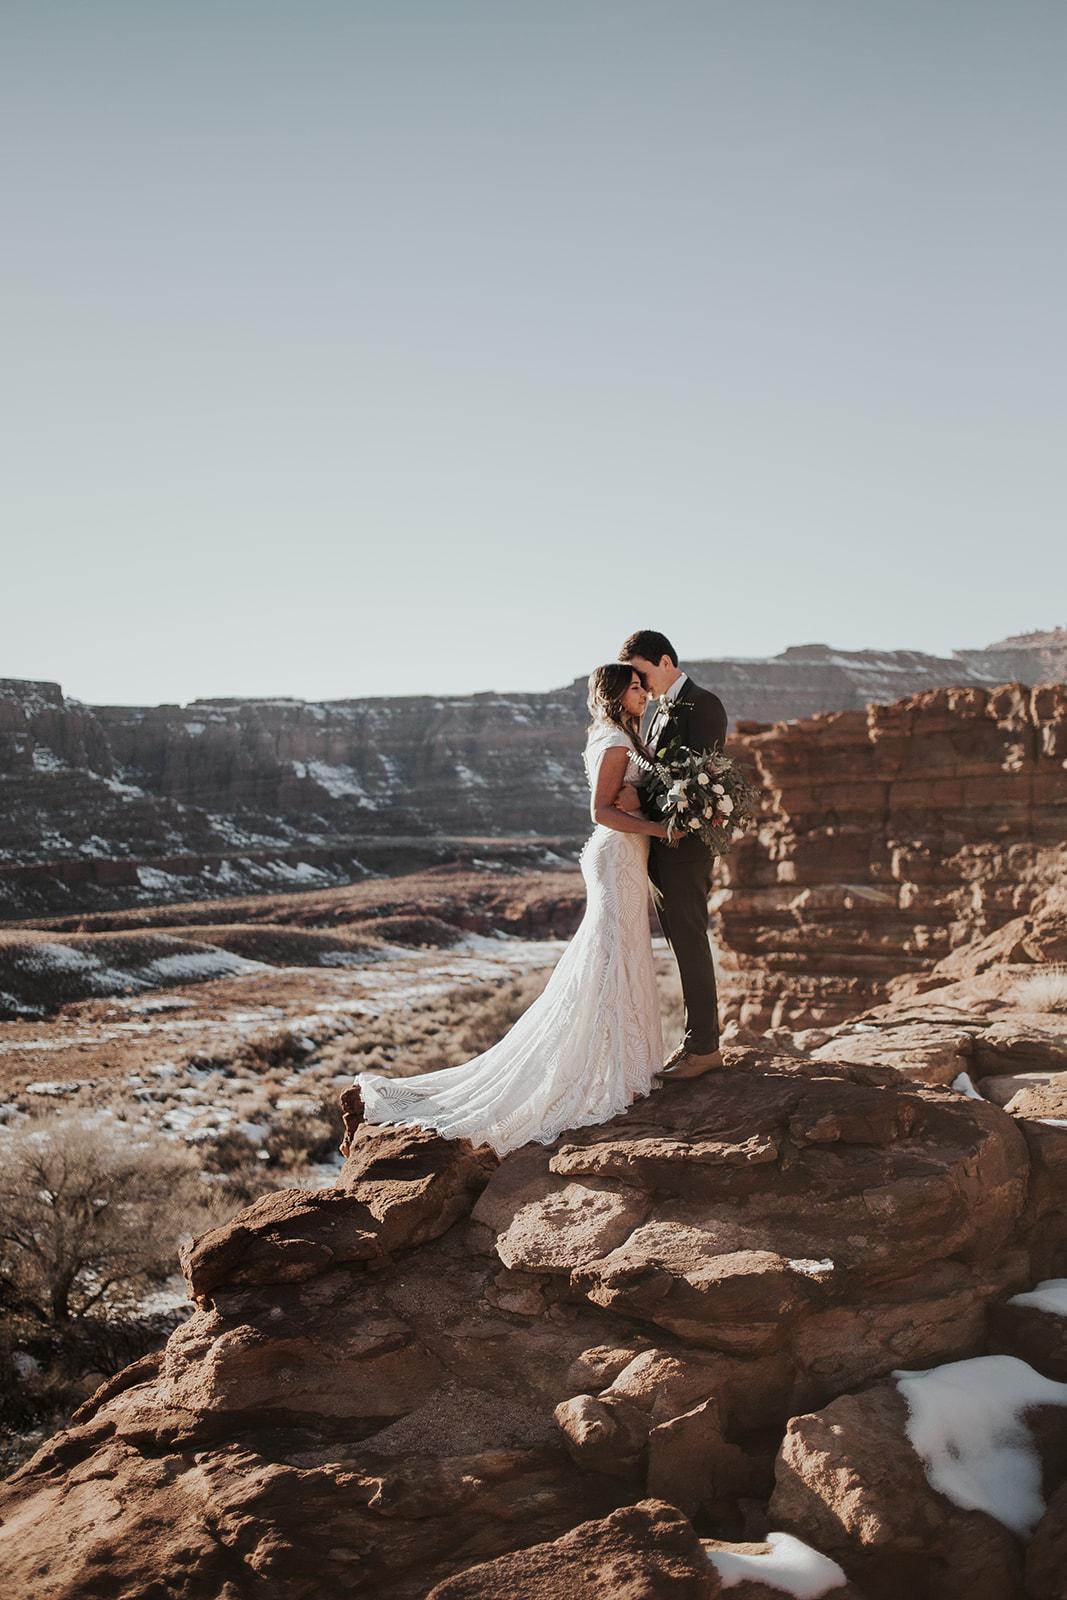 jamie+weston bridals-3.jpg